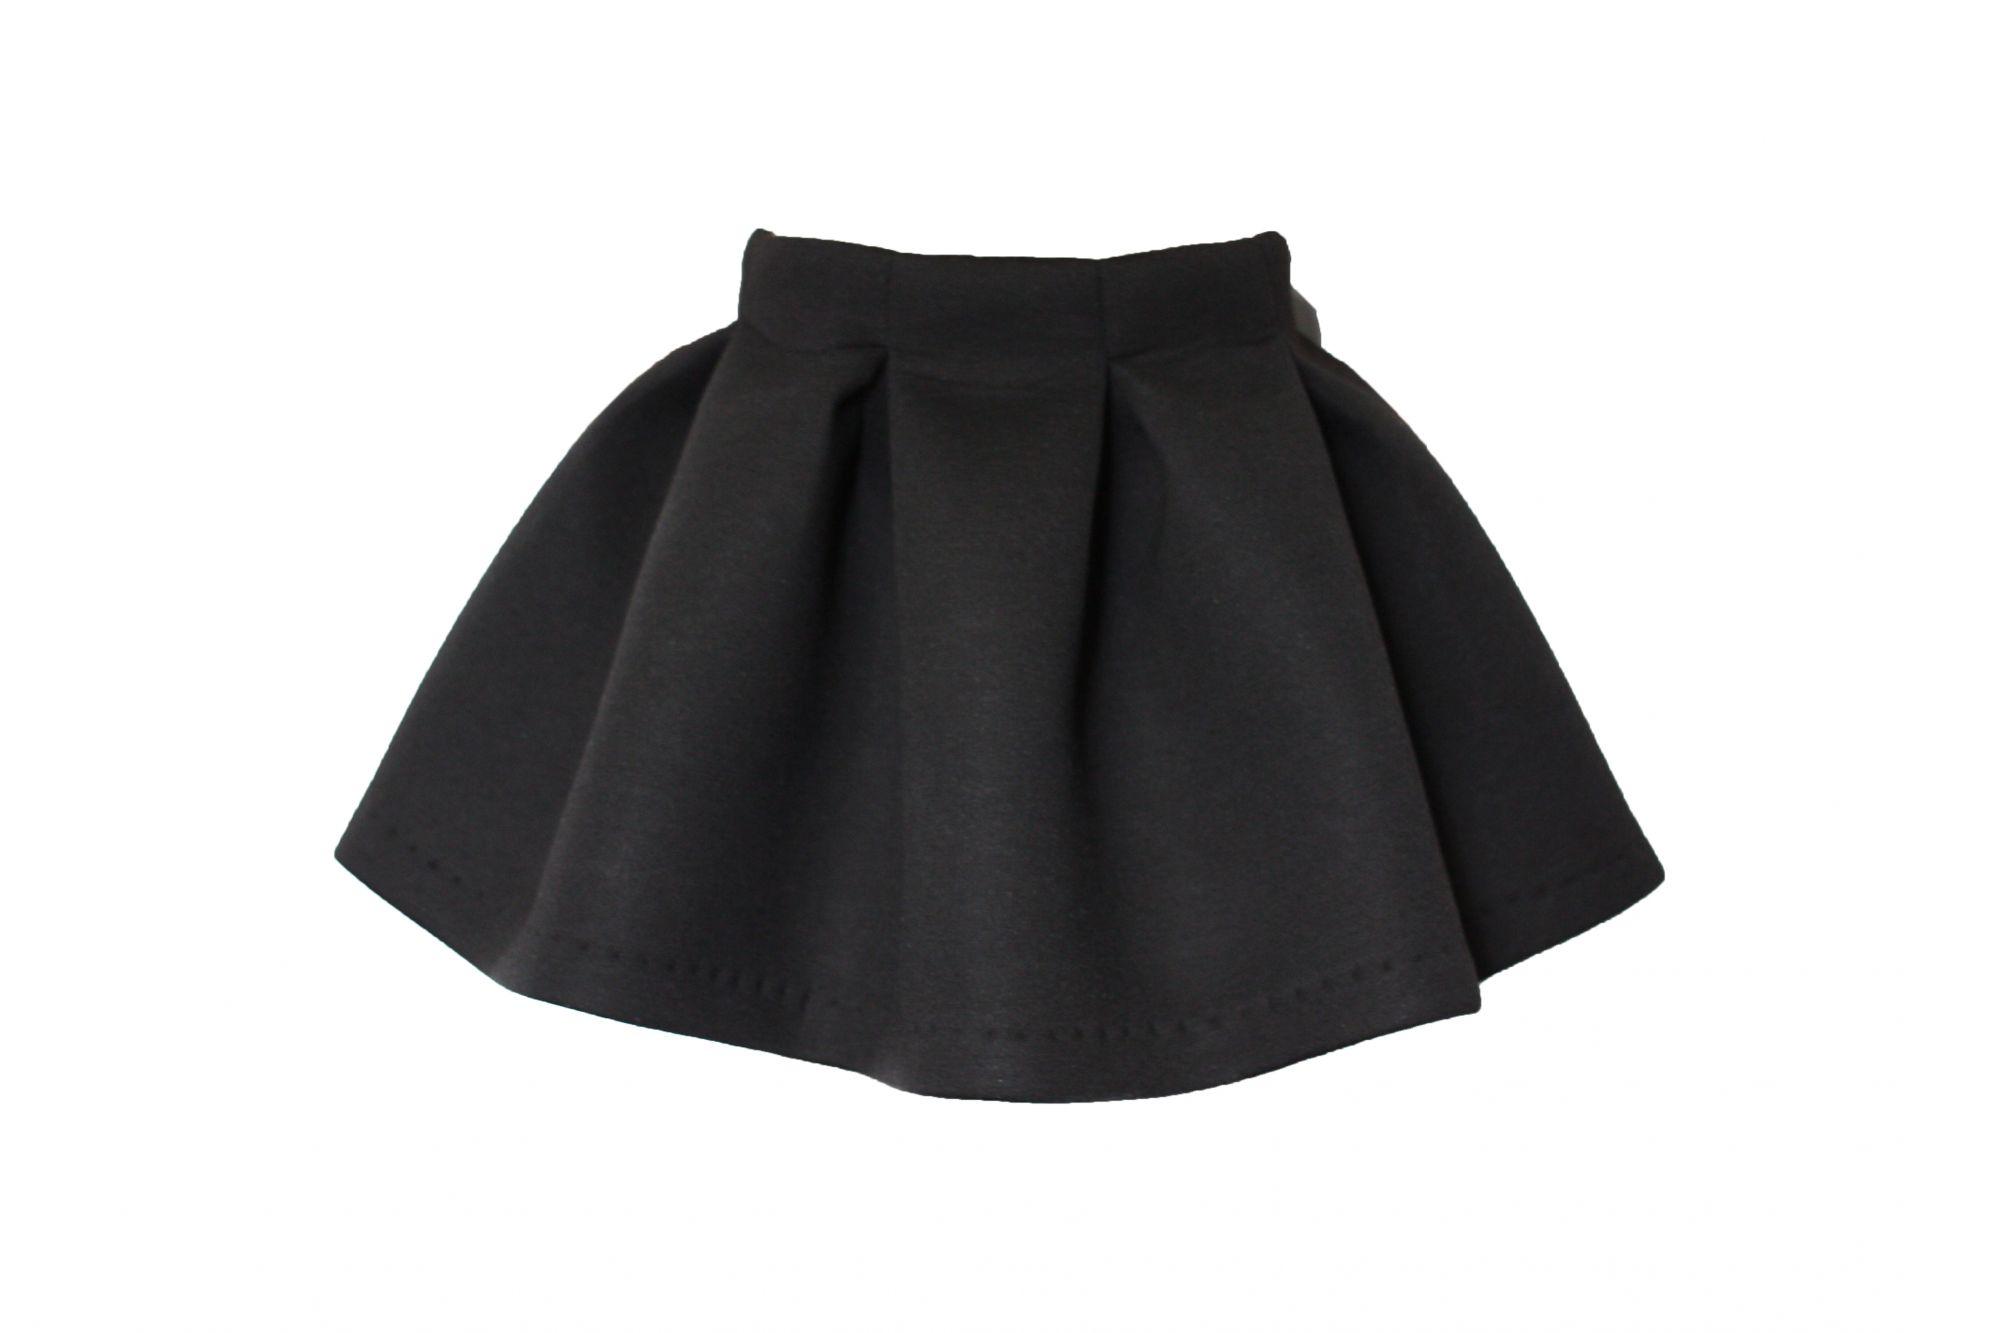 45682 Костюм для девочки бомбер+юбка (неопрен) ЧЕРНЫЙ